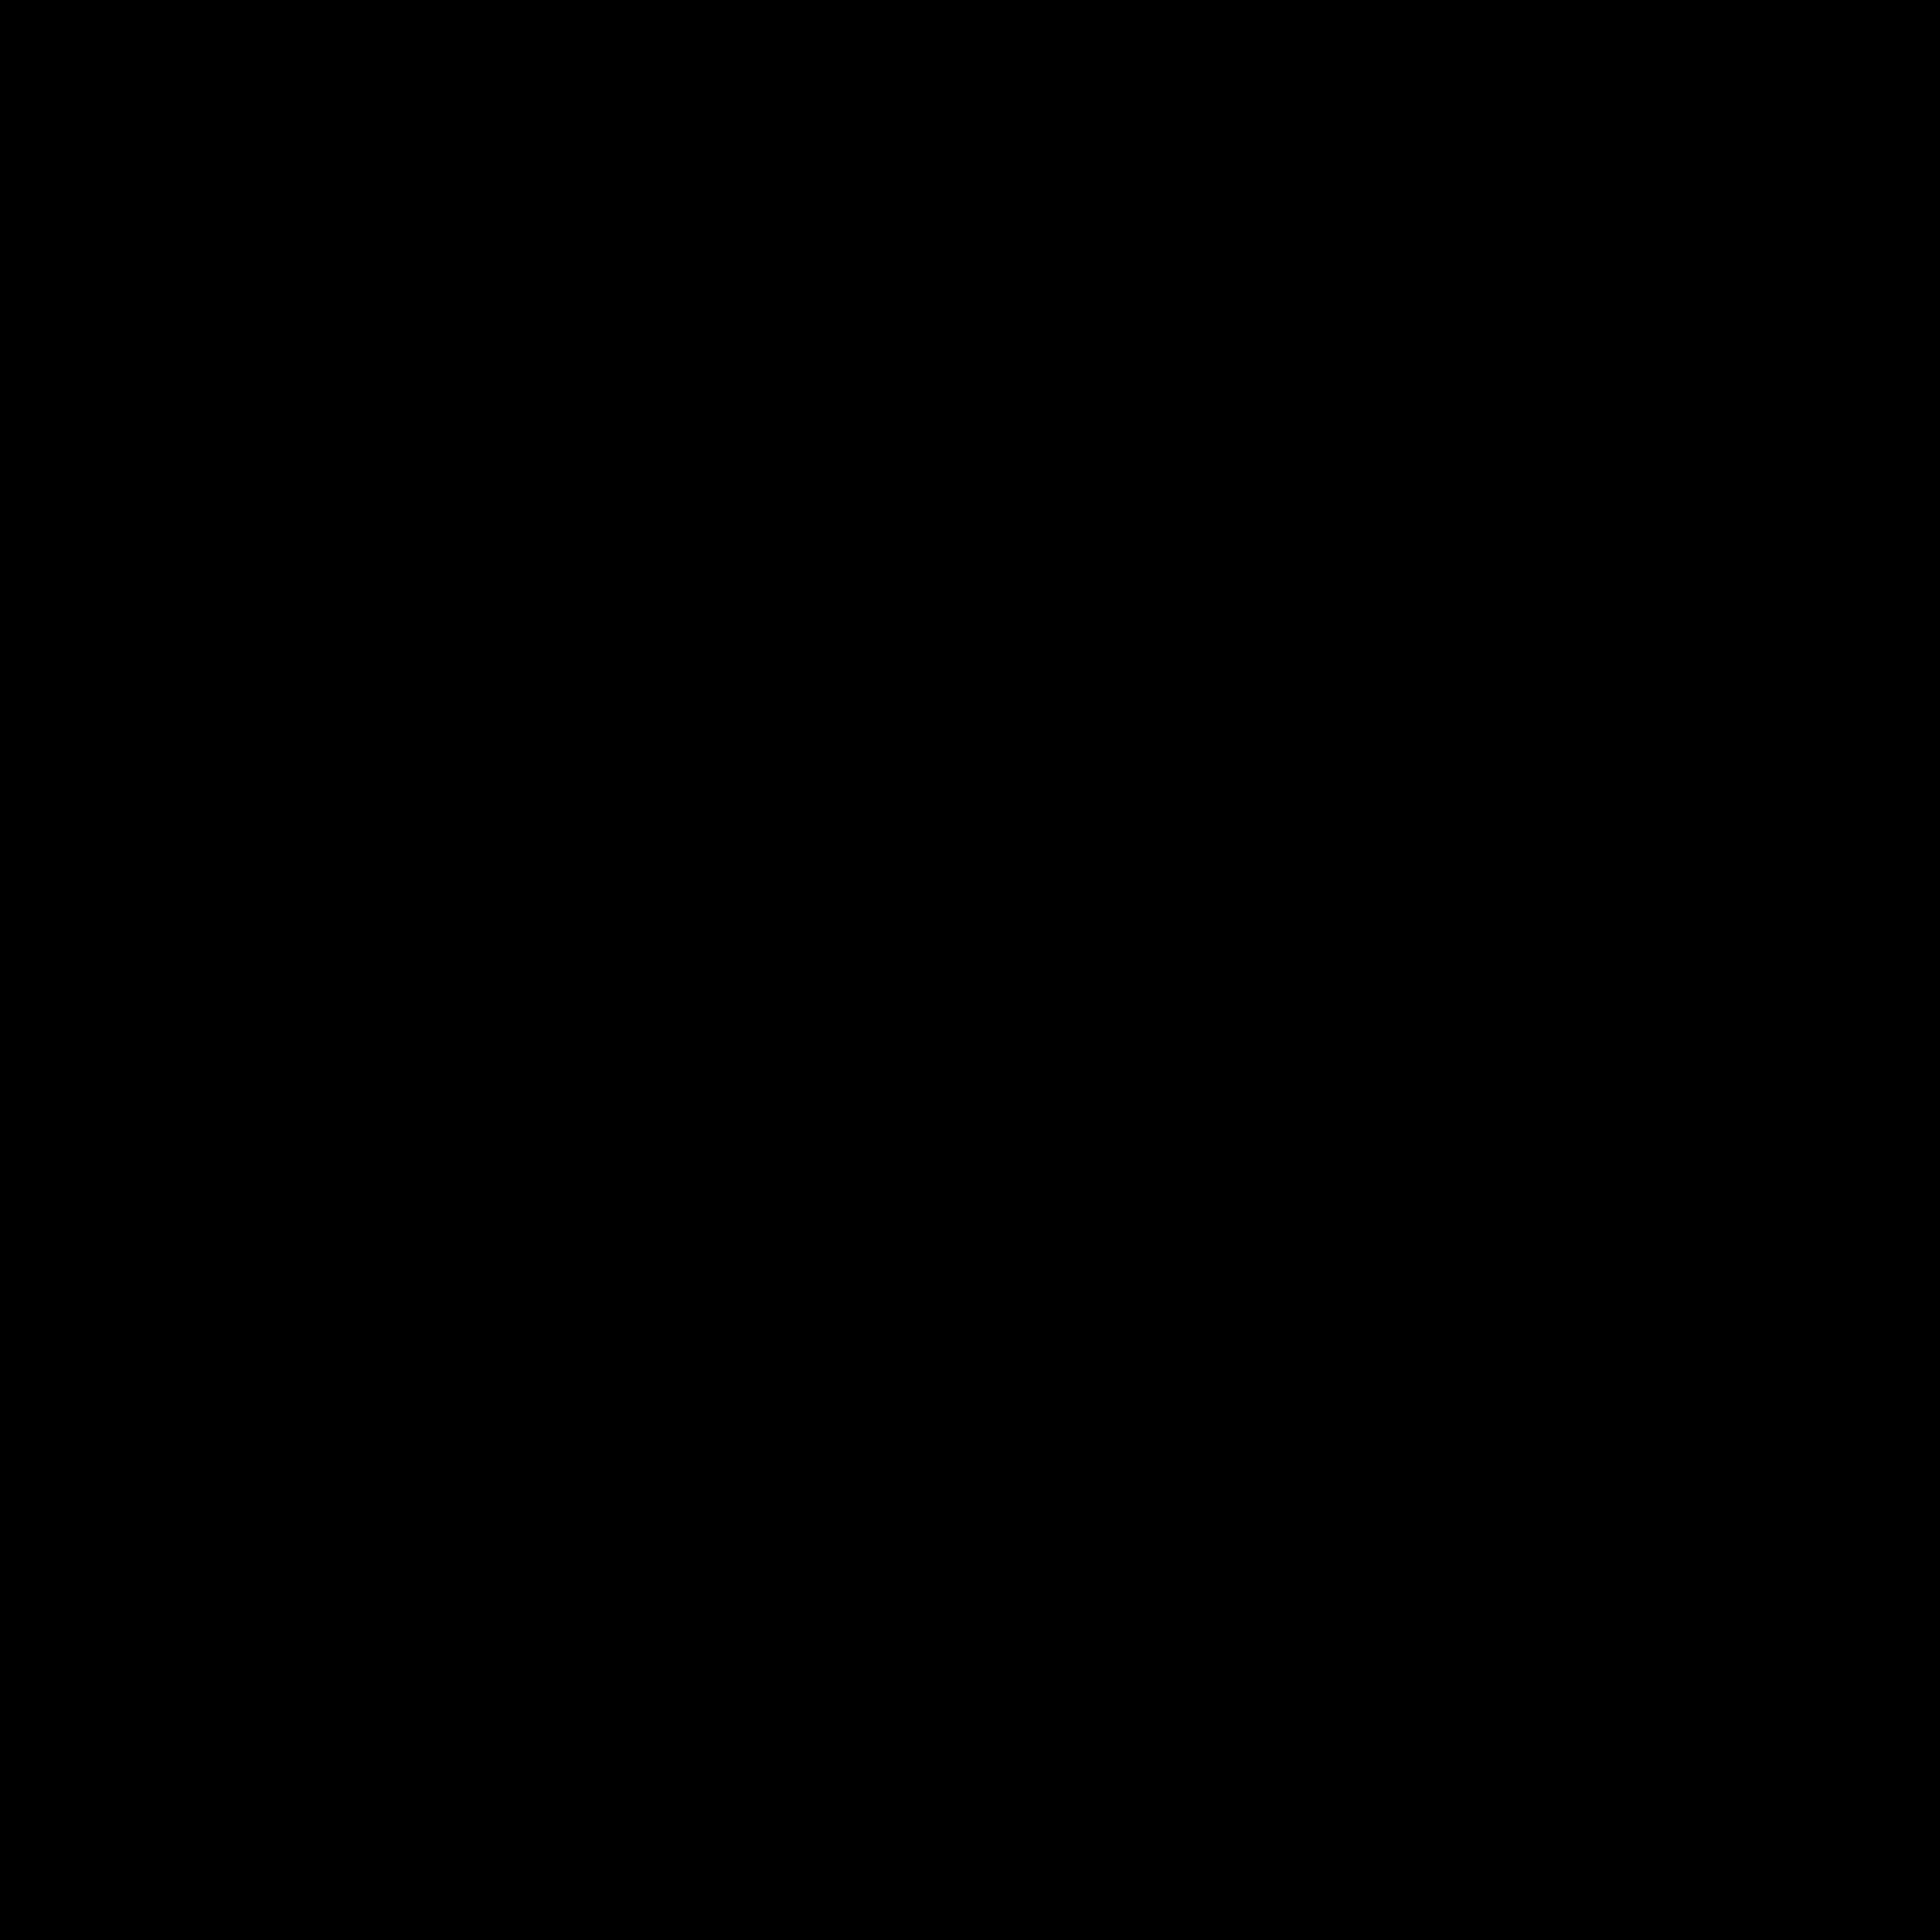 Open PlusPng.com  - Letter J HD PNG